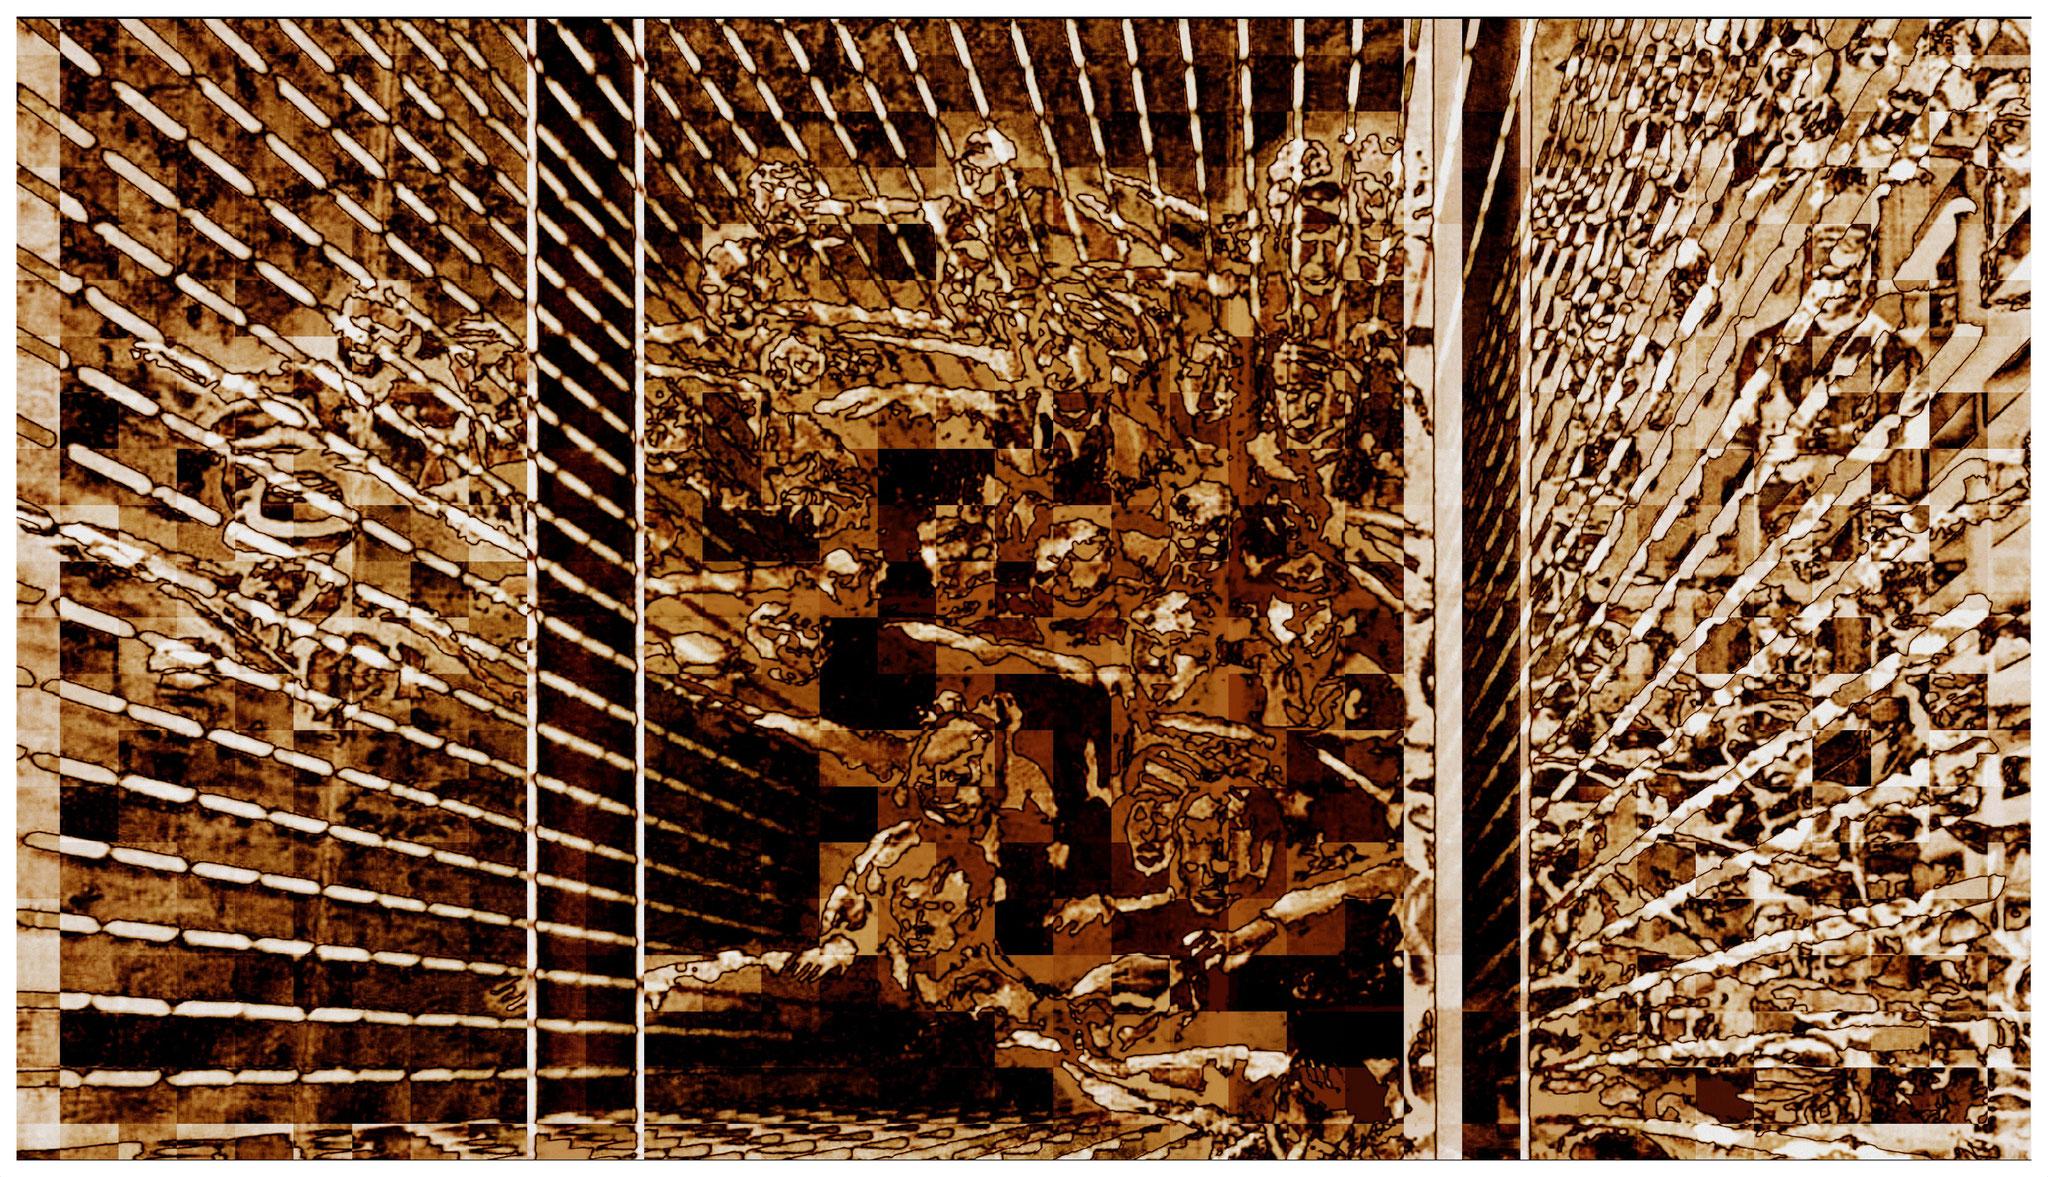 Gefangen im Zeittunnel, digitale Bearbeitung eines eigenen Bildes (Die schwierige Kunst des Neinsagens)